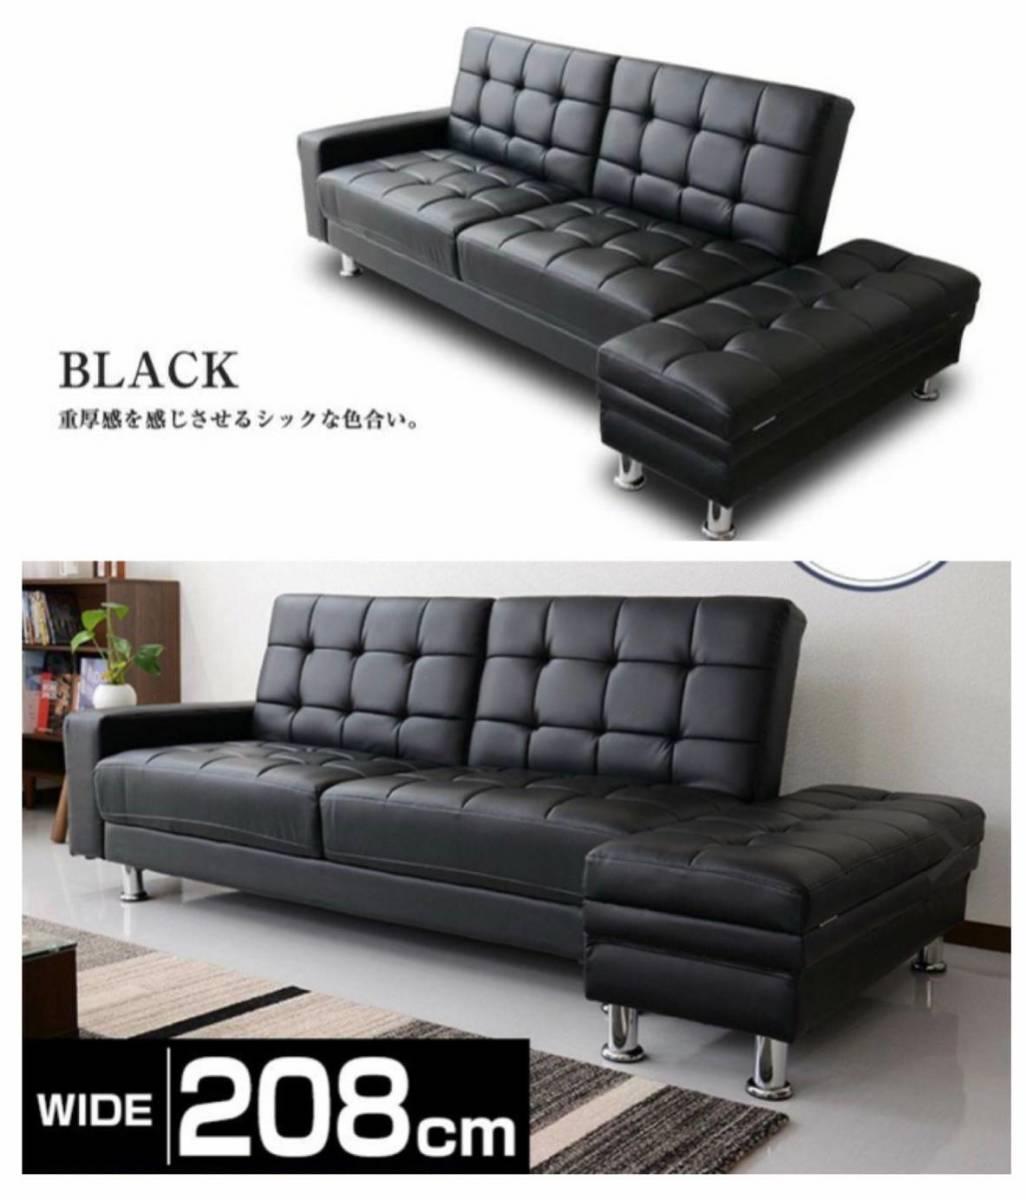 未使用 幅208㎝ 収納付(万能スツール)ソファベッド シングル 2人掛 HIGH&LOW SB001 PVCブラック_画像2